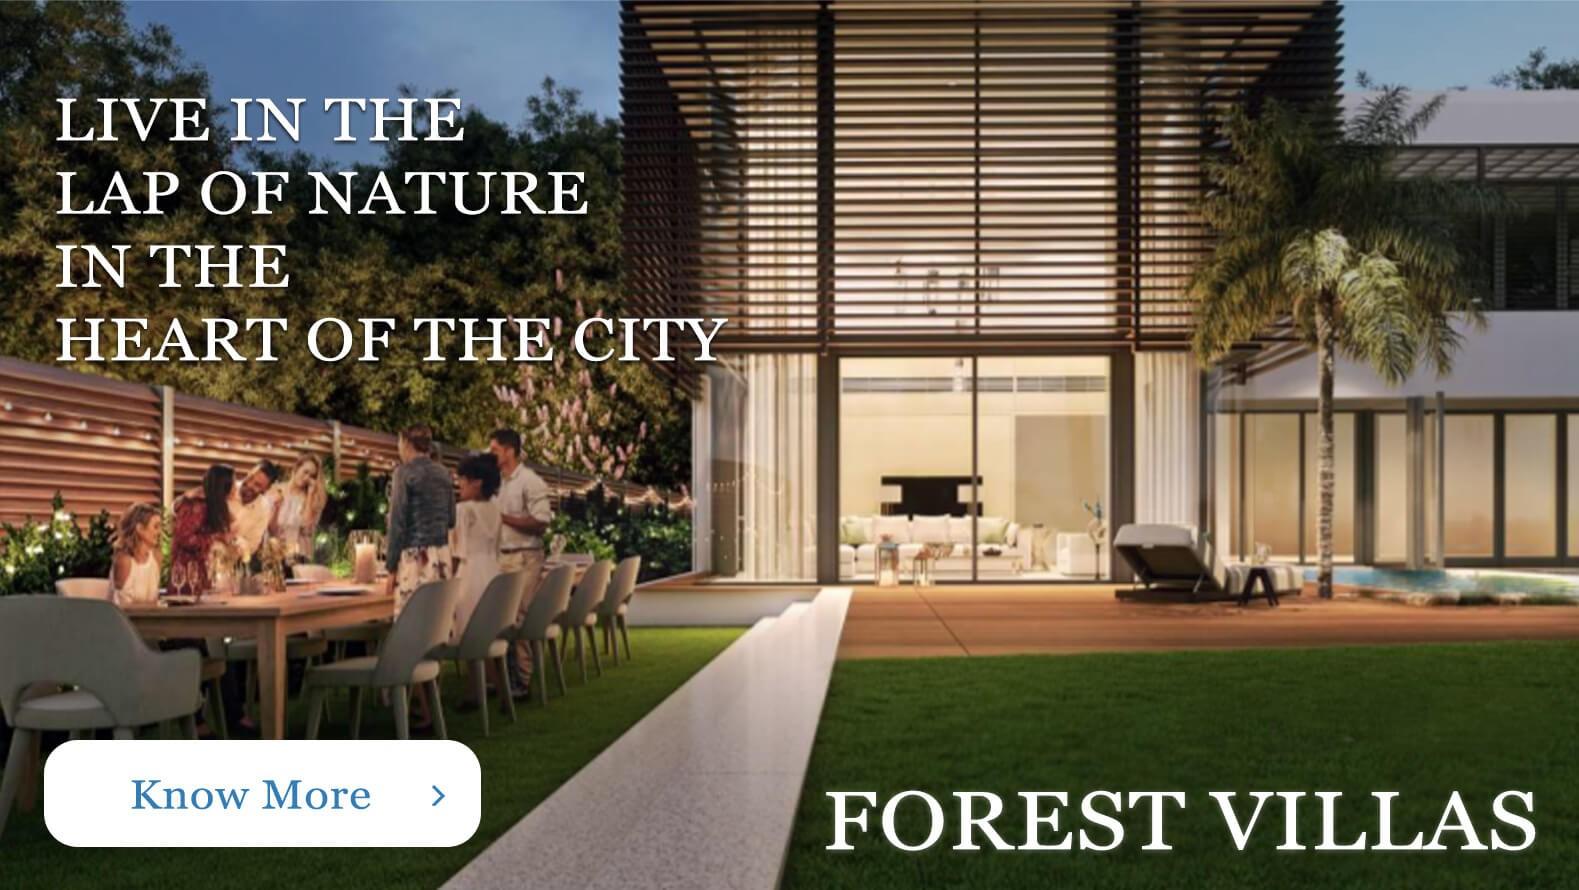 FOREST VILLAS